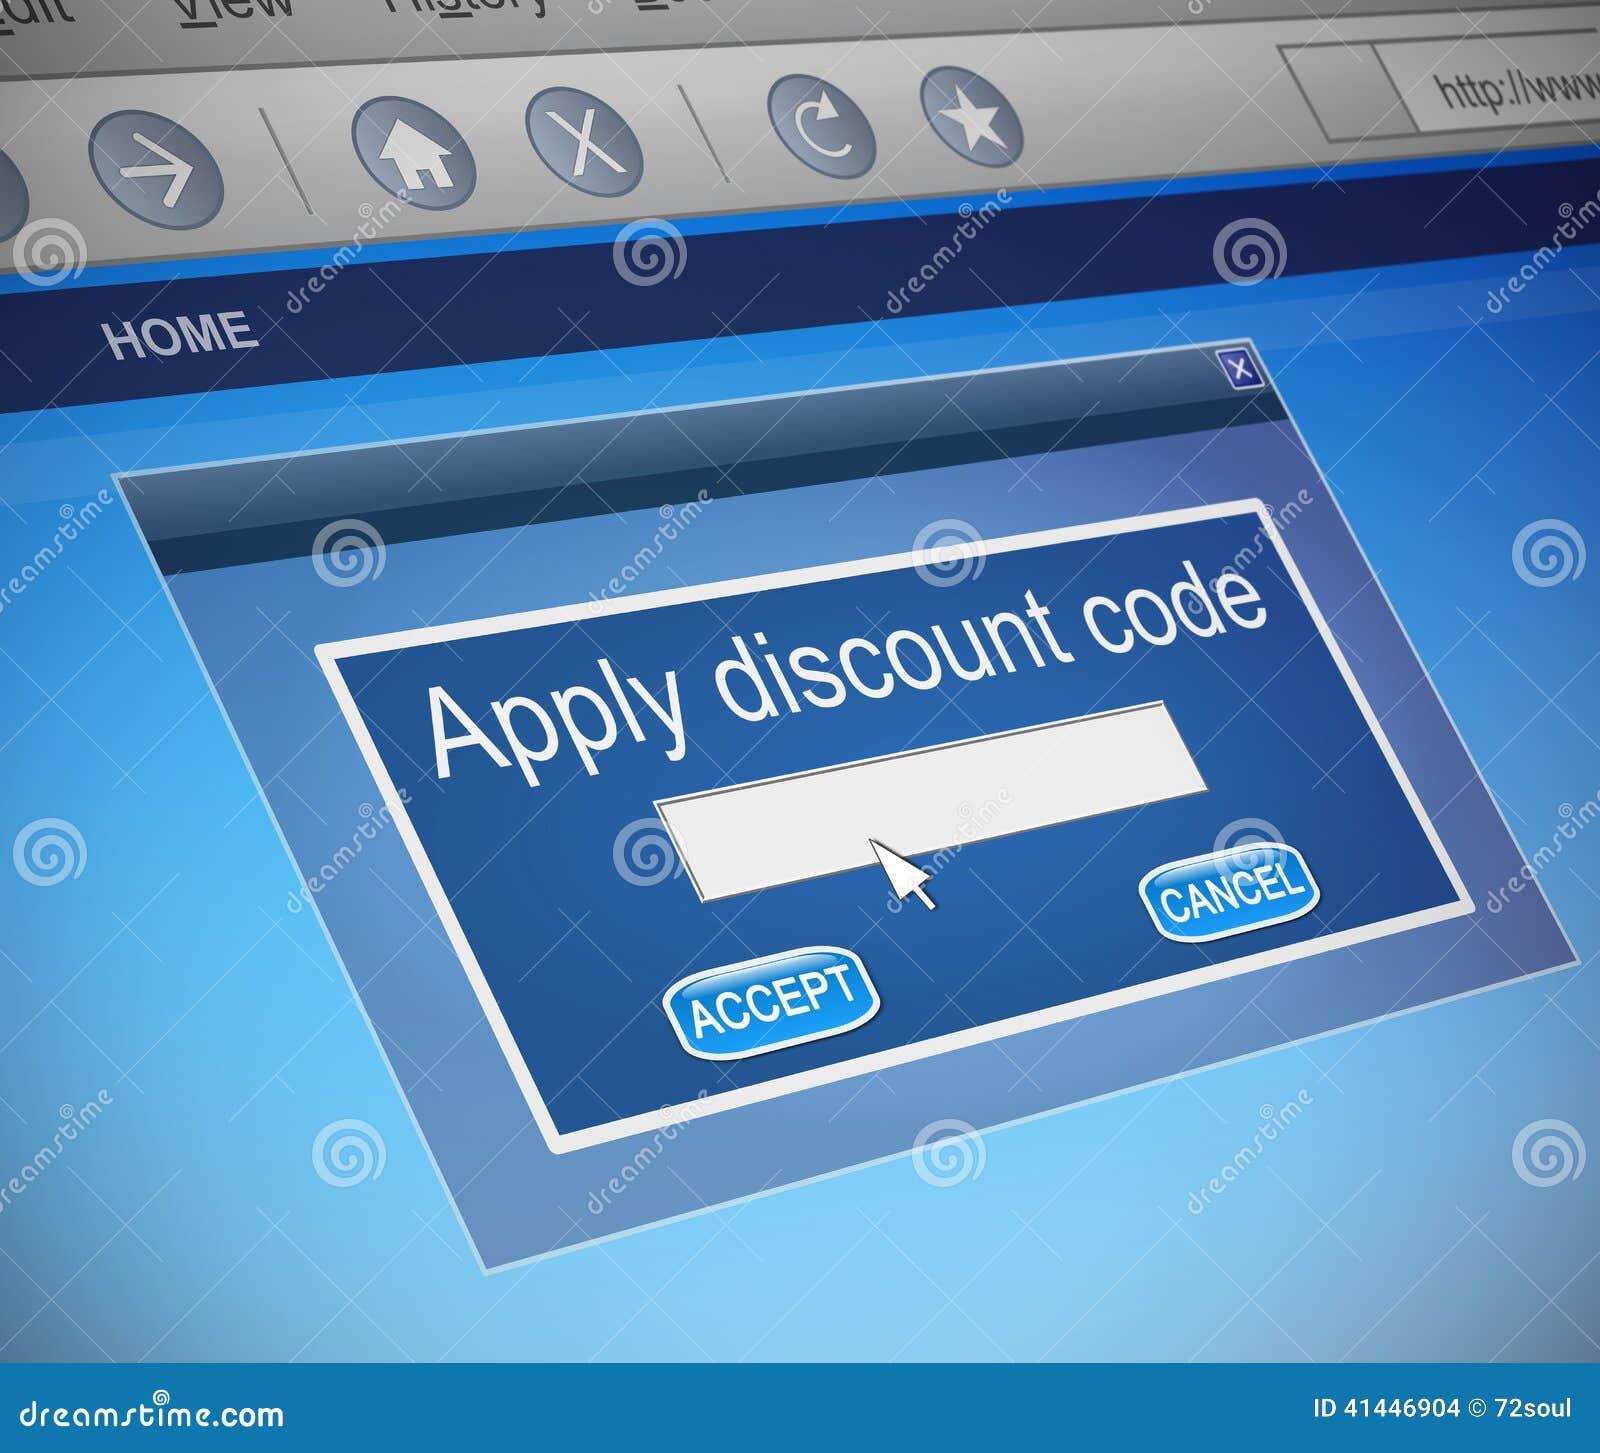 discount code concept stock illustration image 41446904. Black Bedroom Furniture Sets. Home Design Ideas